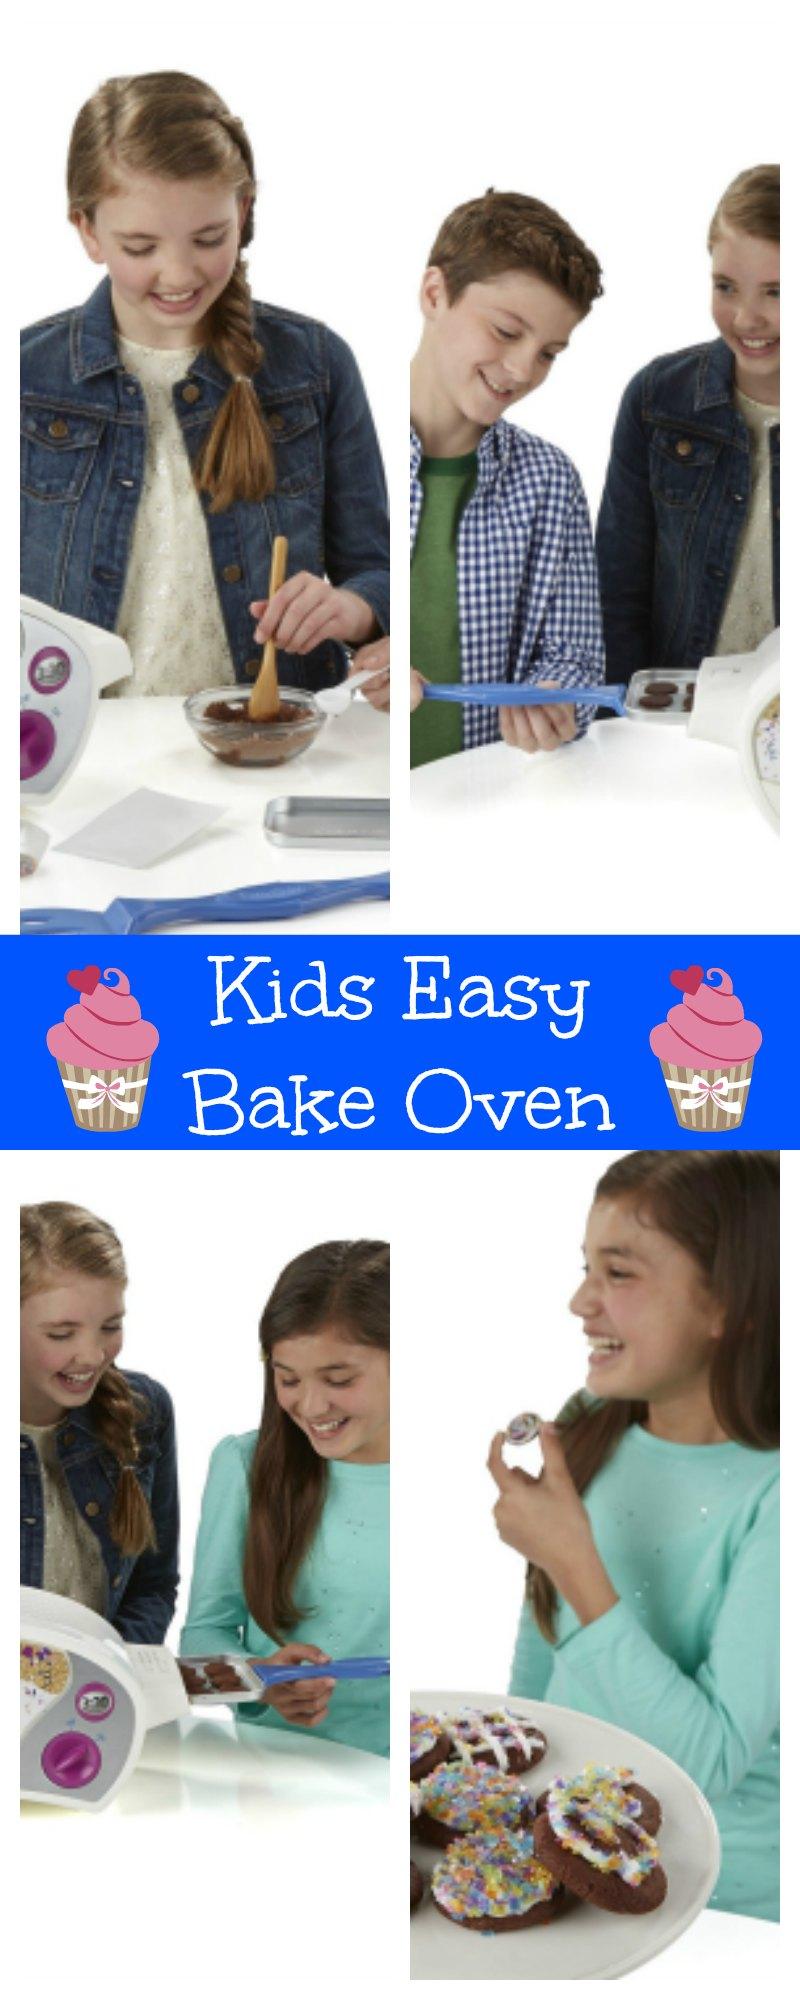 Kids Easy Bake Oven